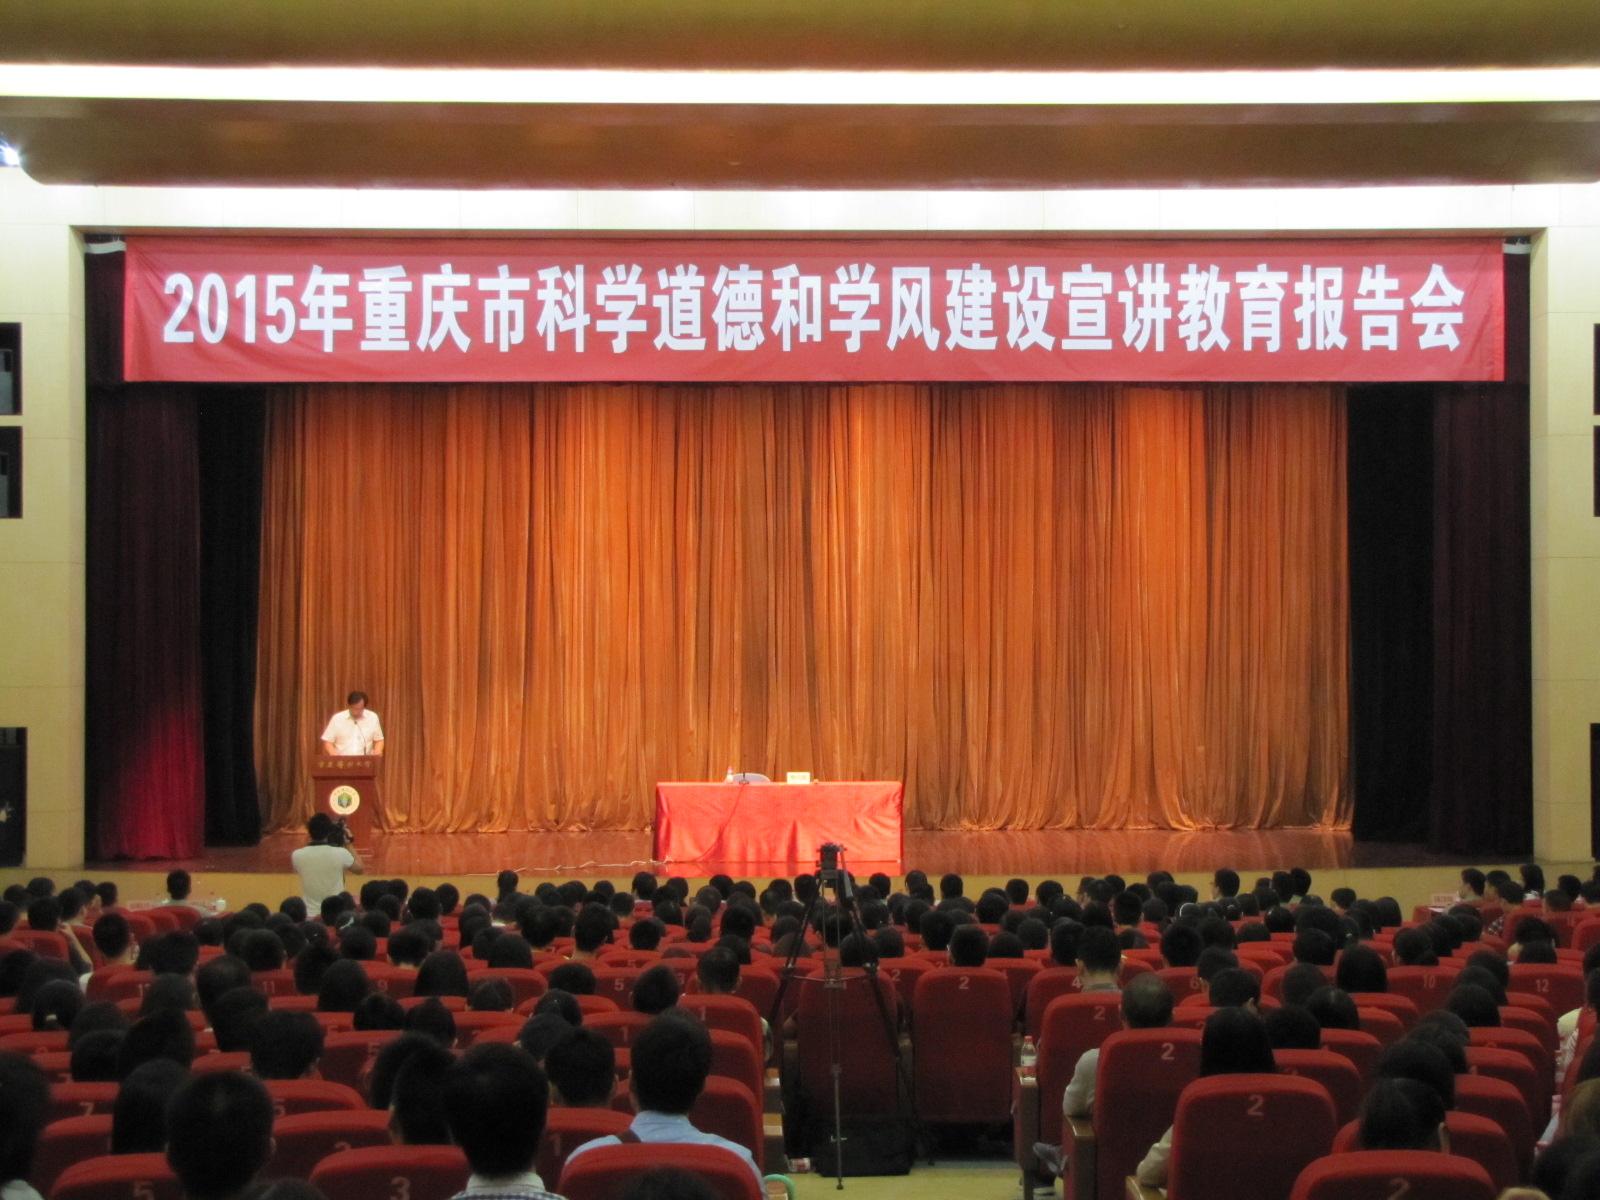 金沙城中心师生代表参加2015年重庆市科学道德和学风建设宣讲教育报告会